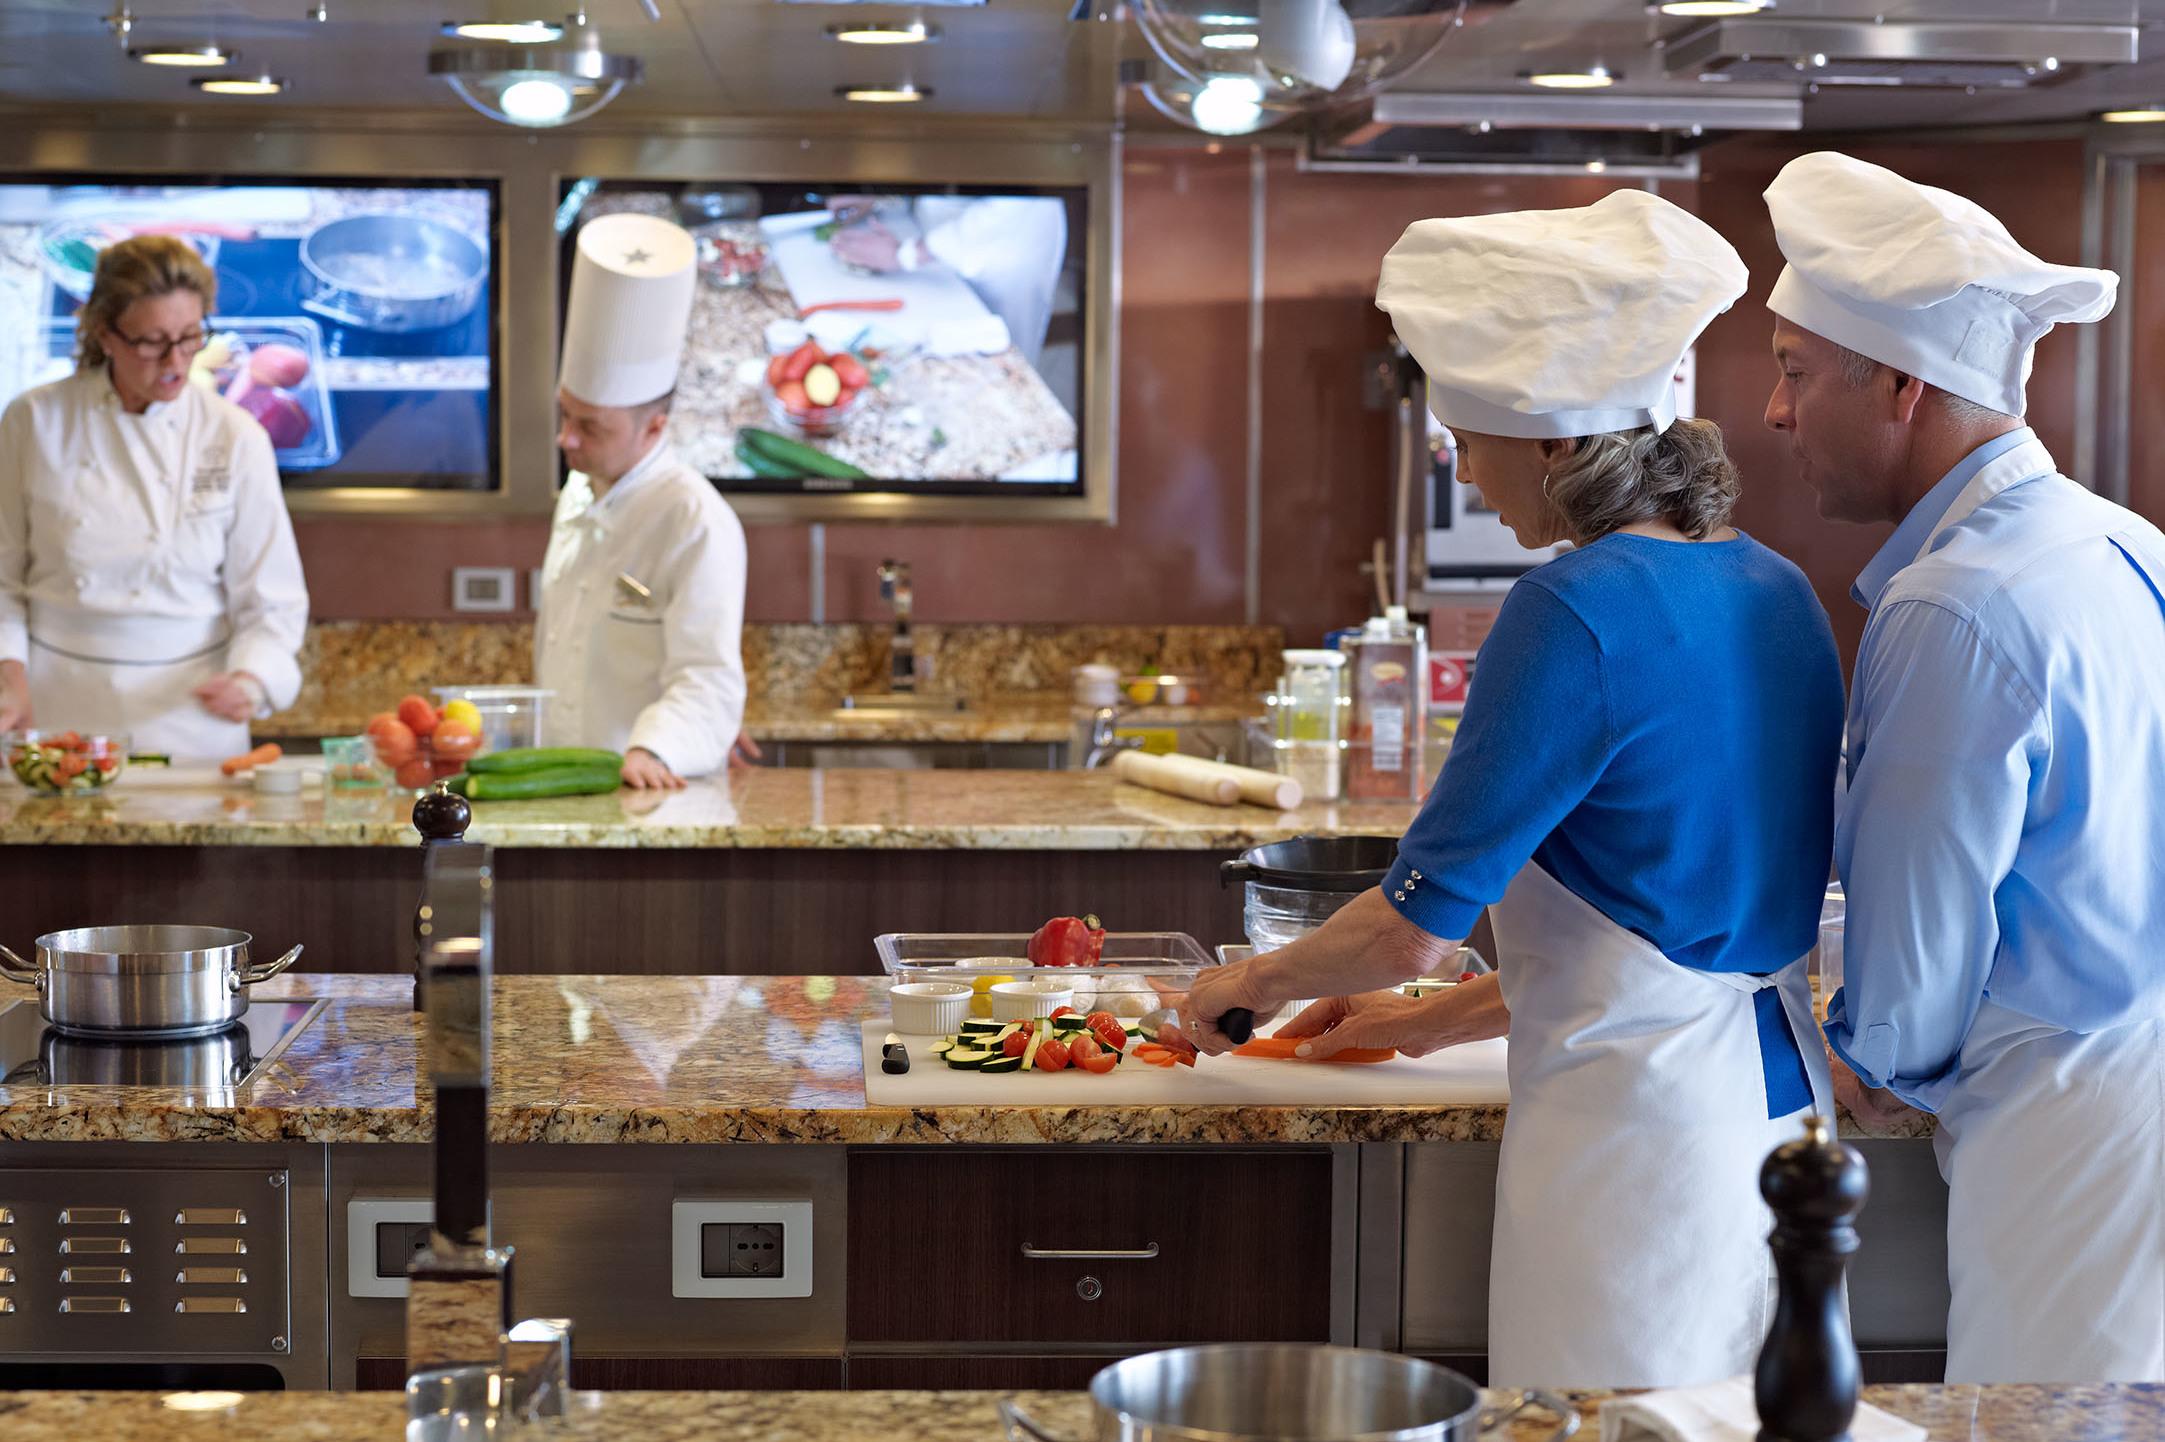 Oceania O Class - Culinary Centre